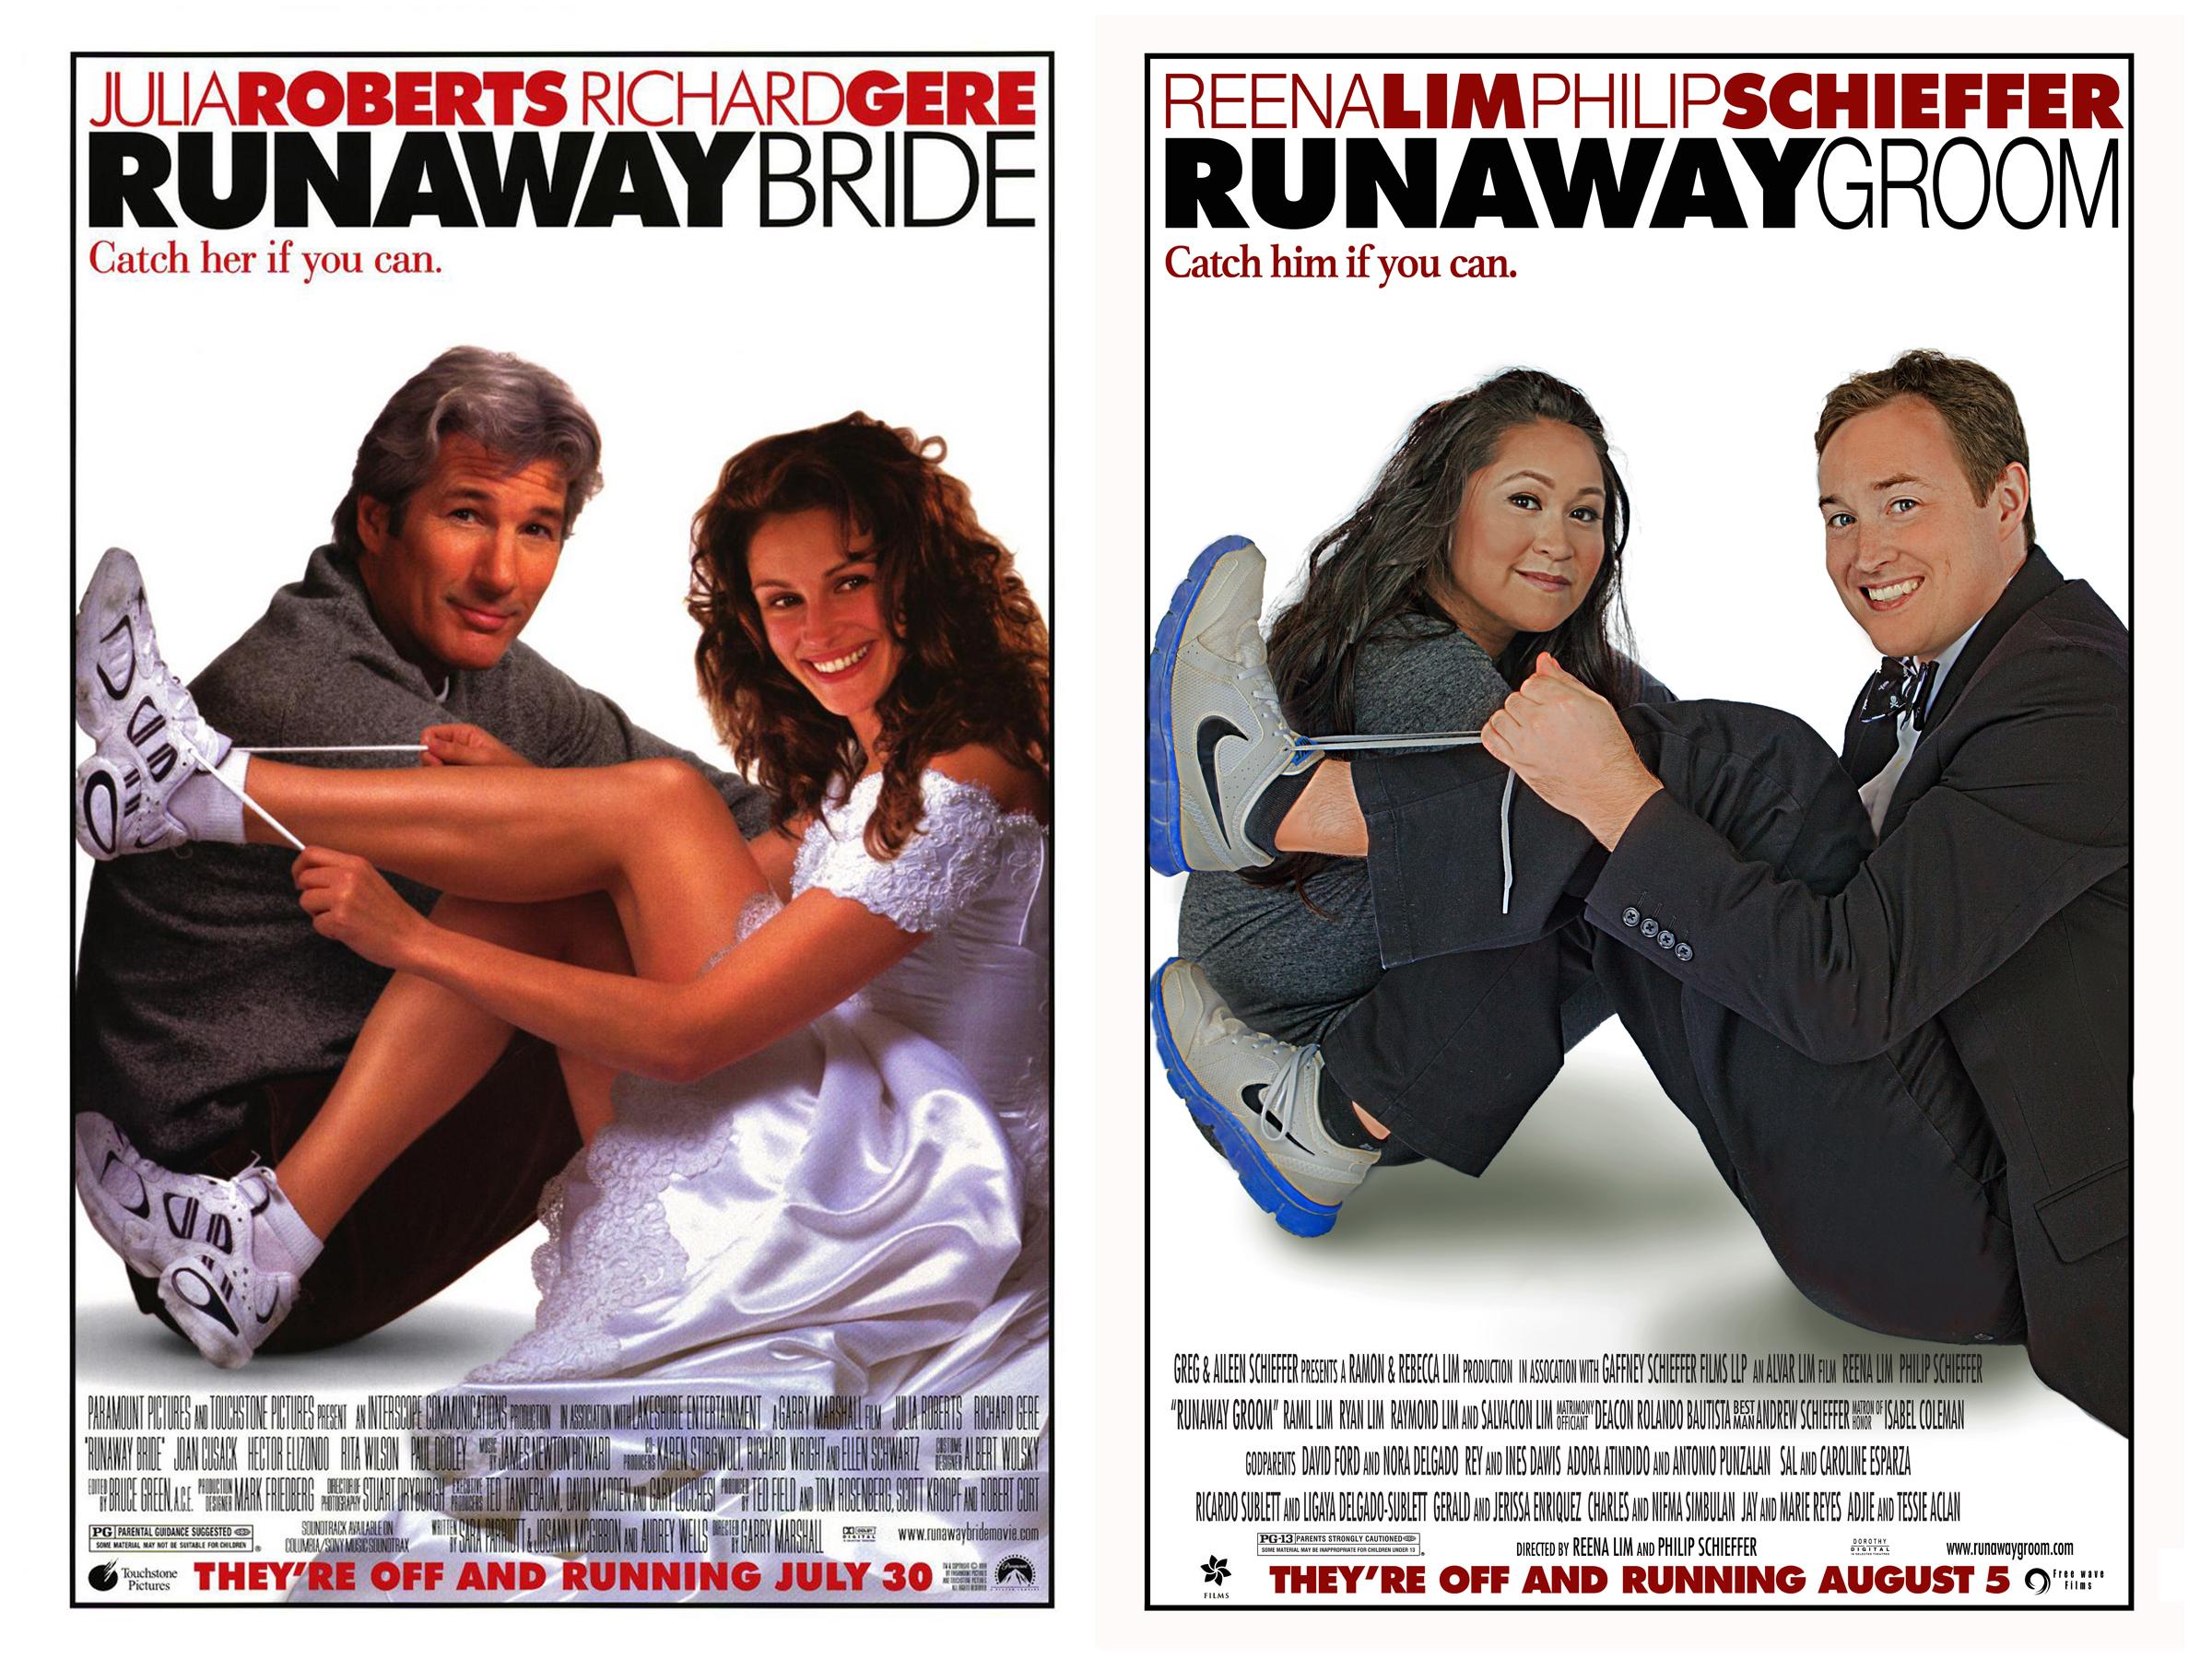 runaway-duo